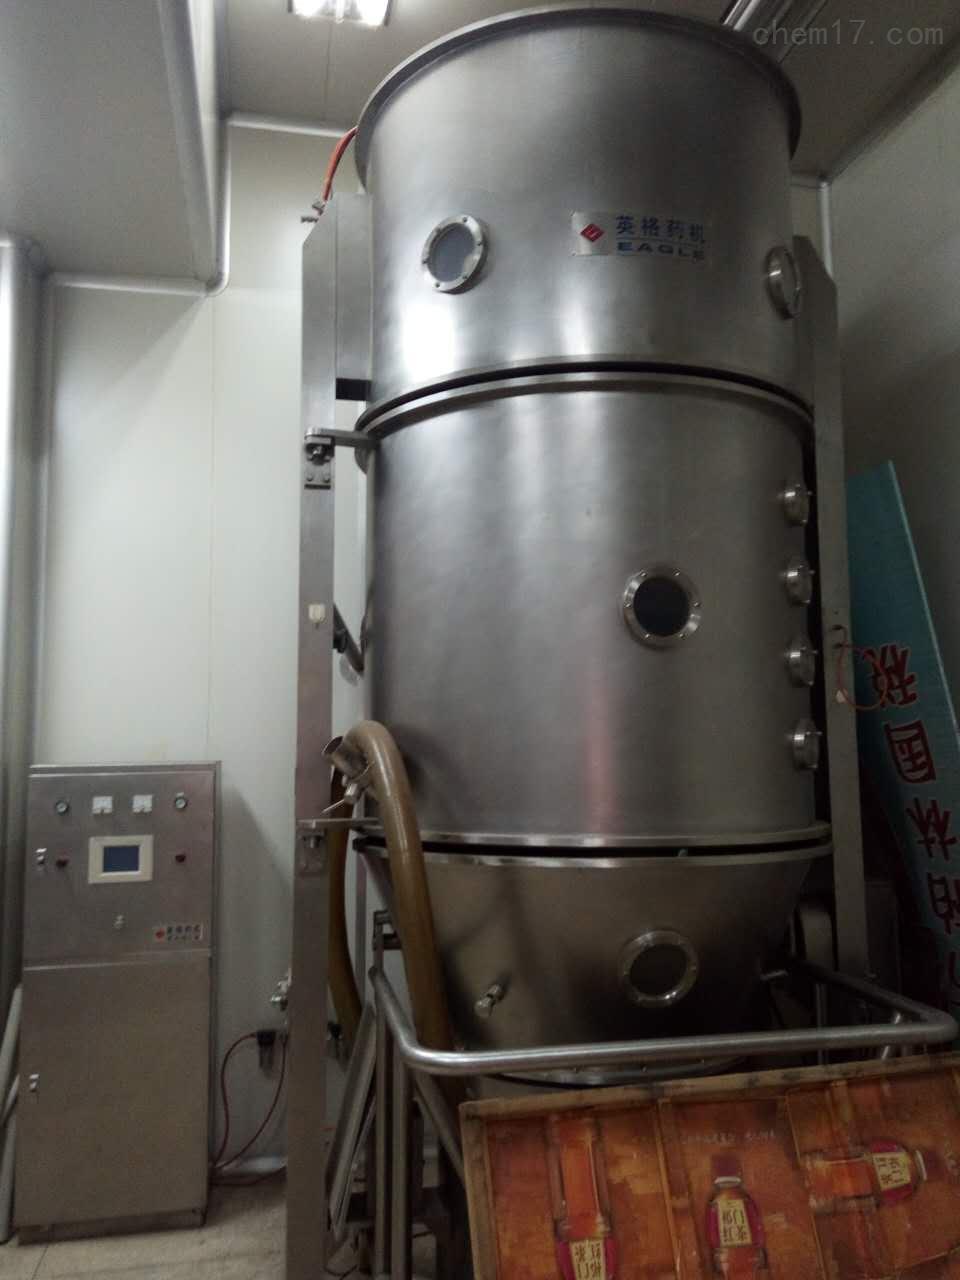 二手沸腾干燥机回收二手沸腾干燥机